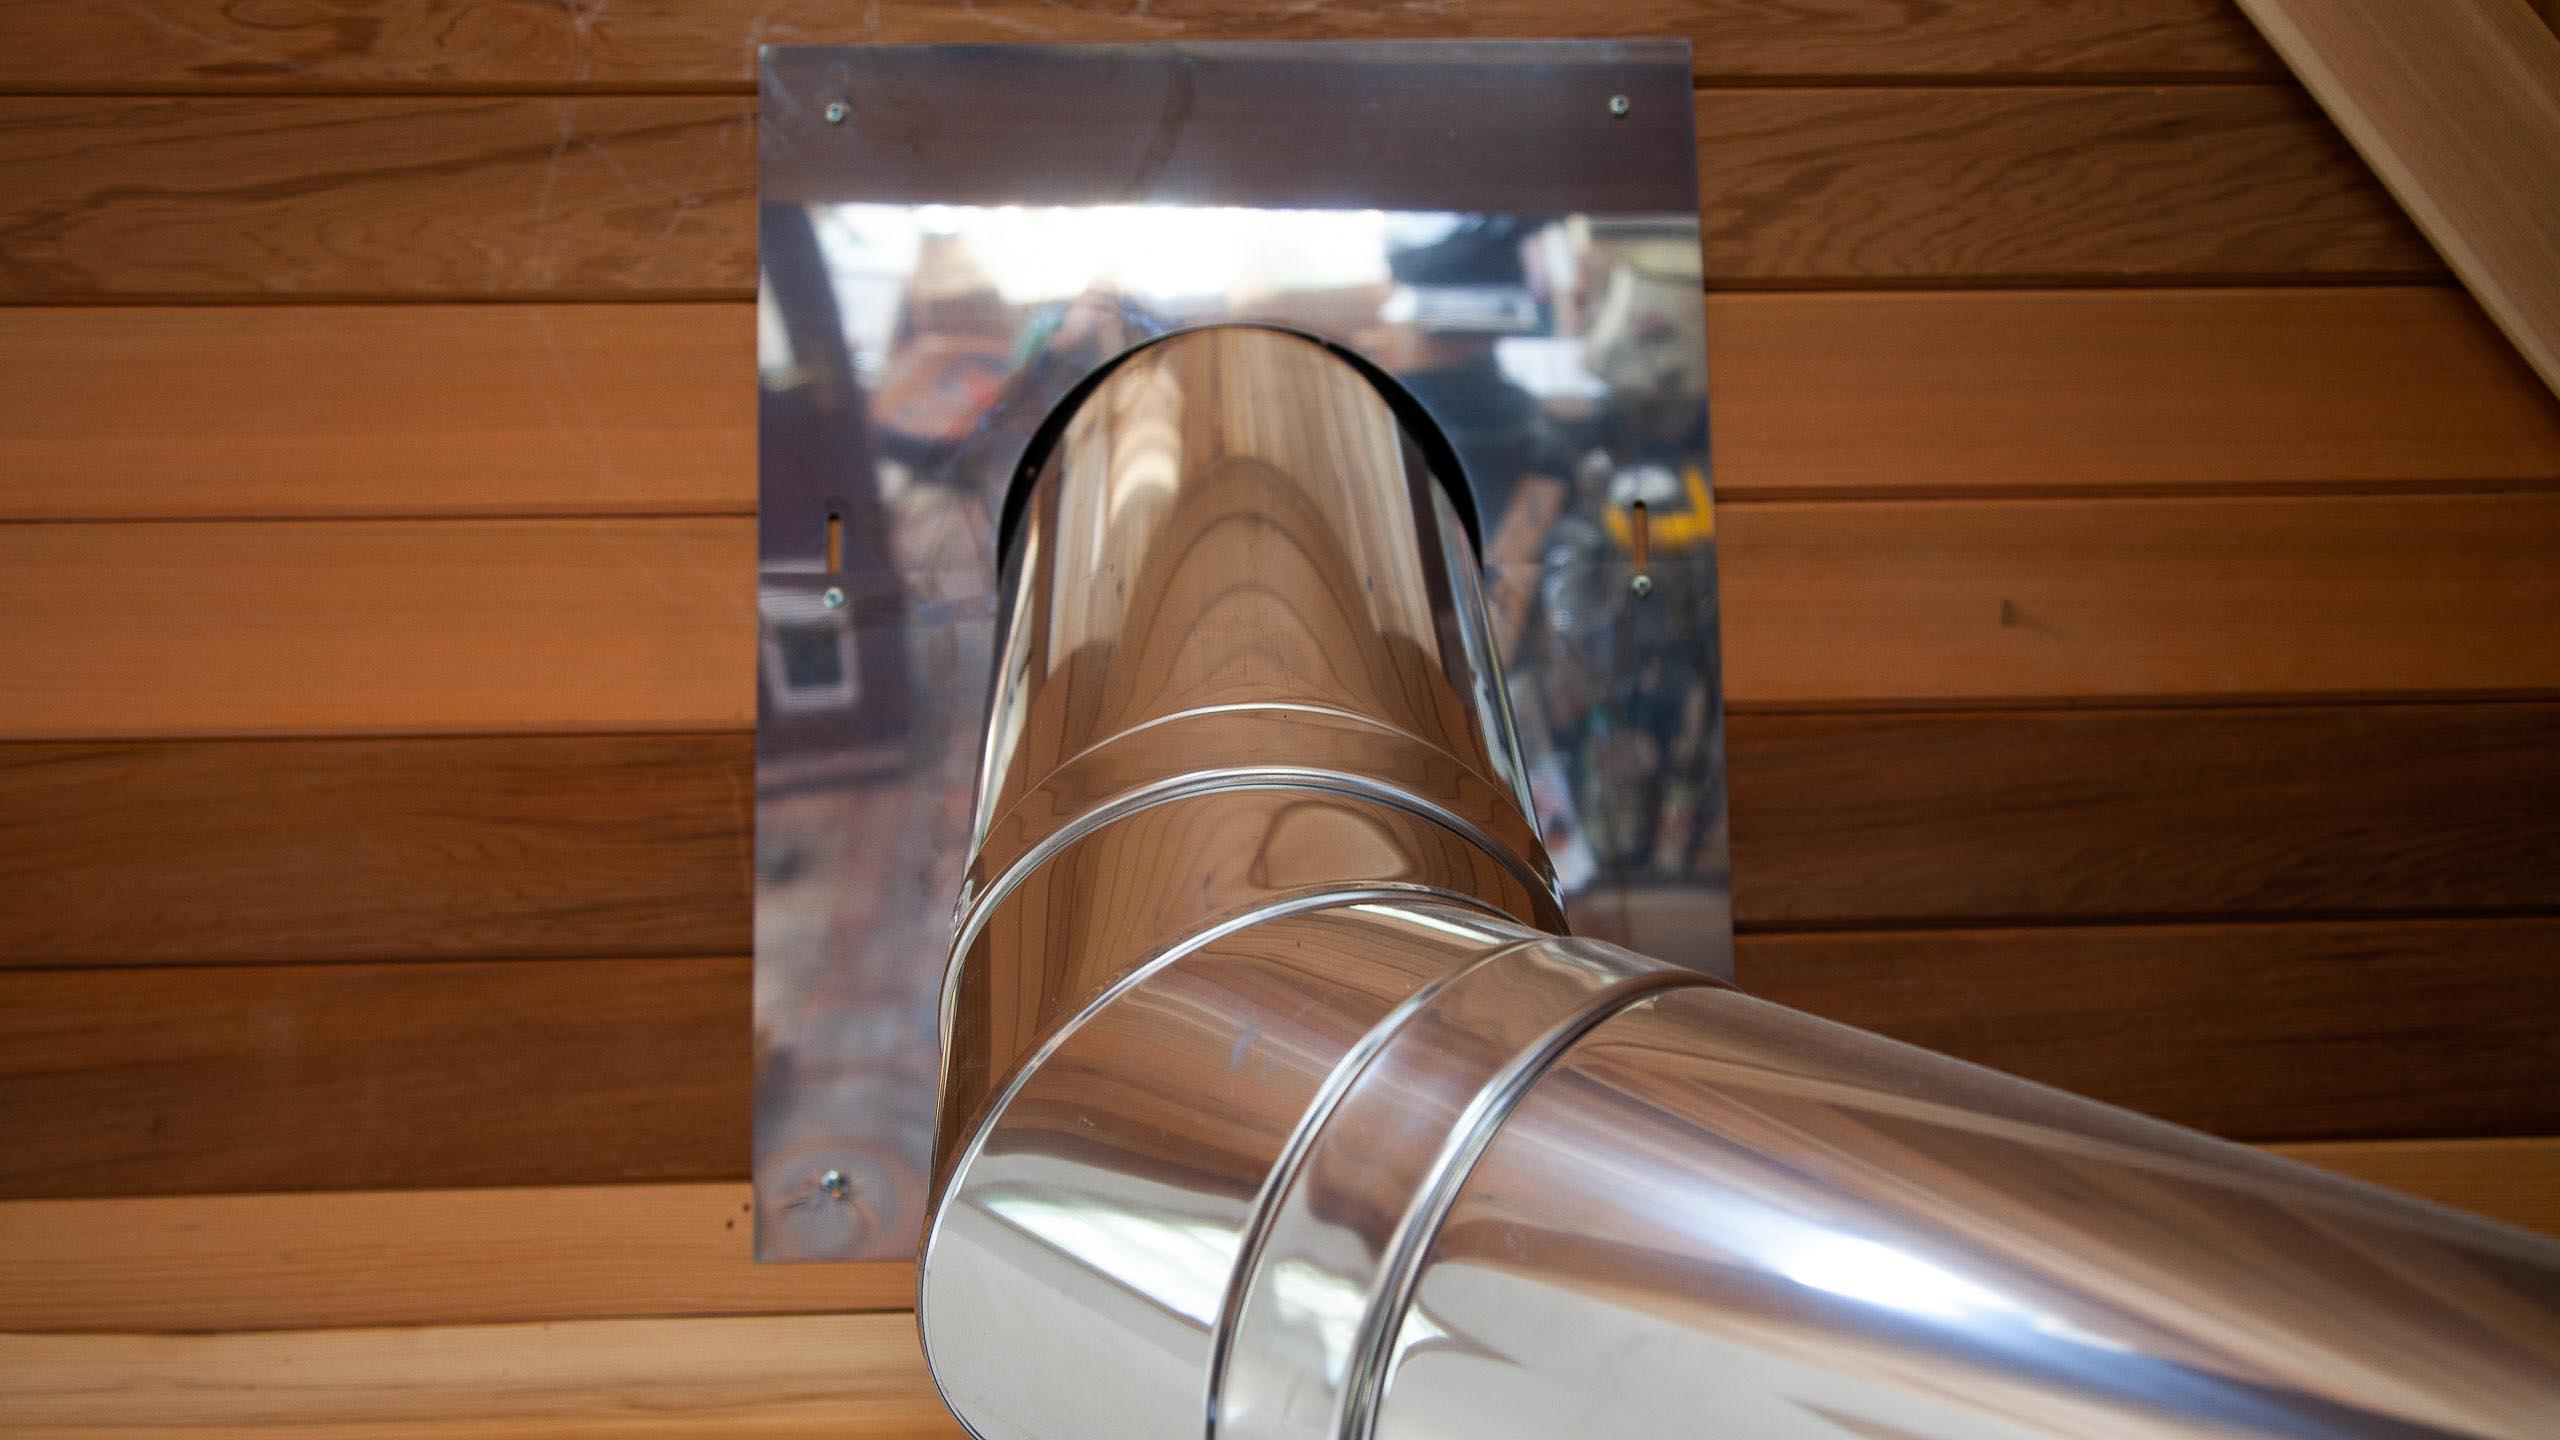 wood burner flue - building work by RJ Steele builders in Sussex